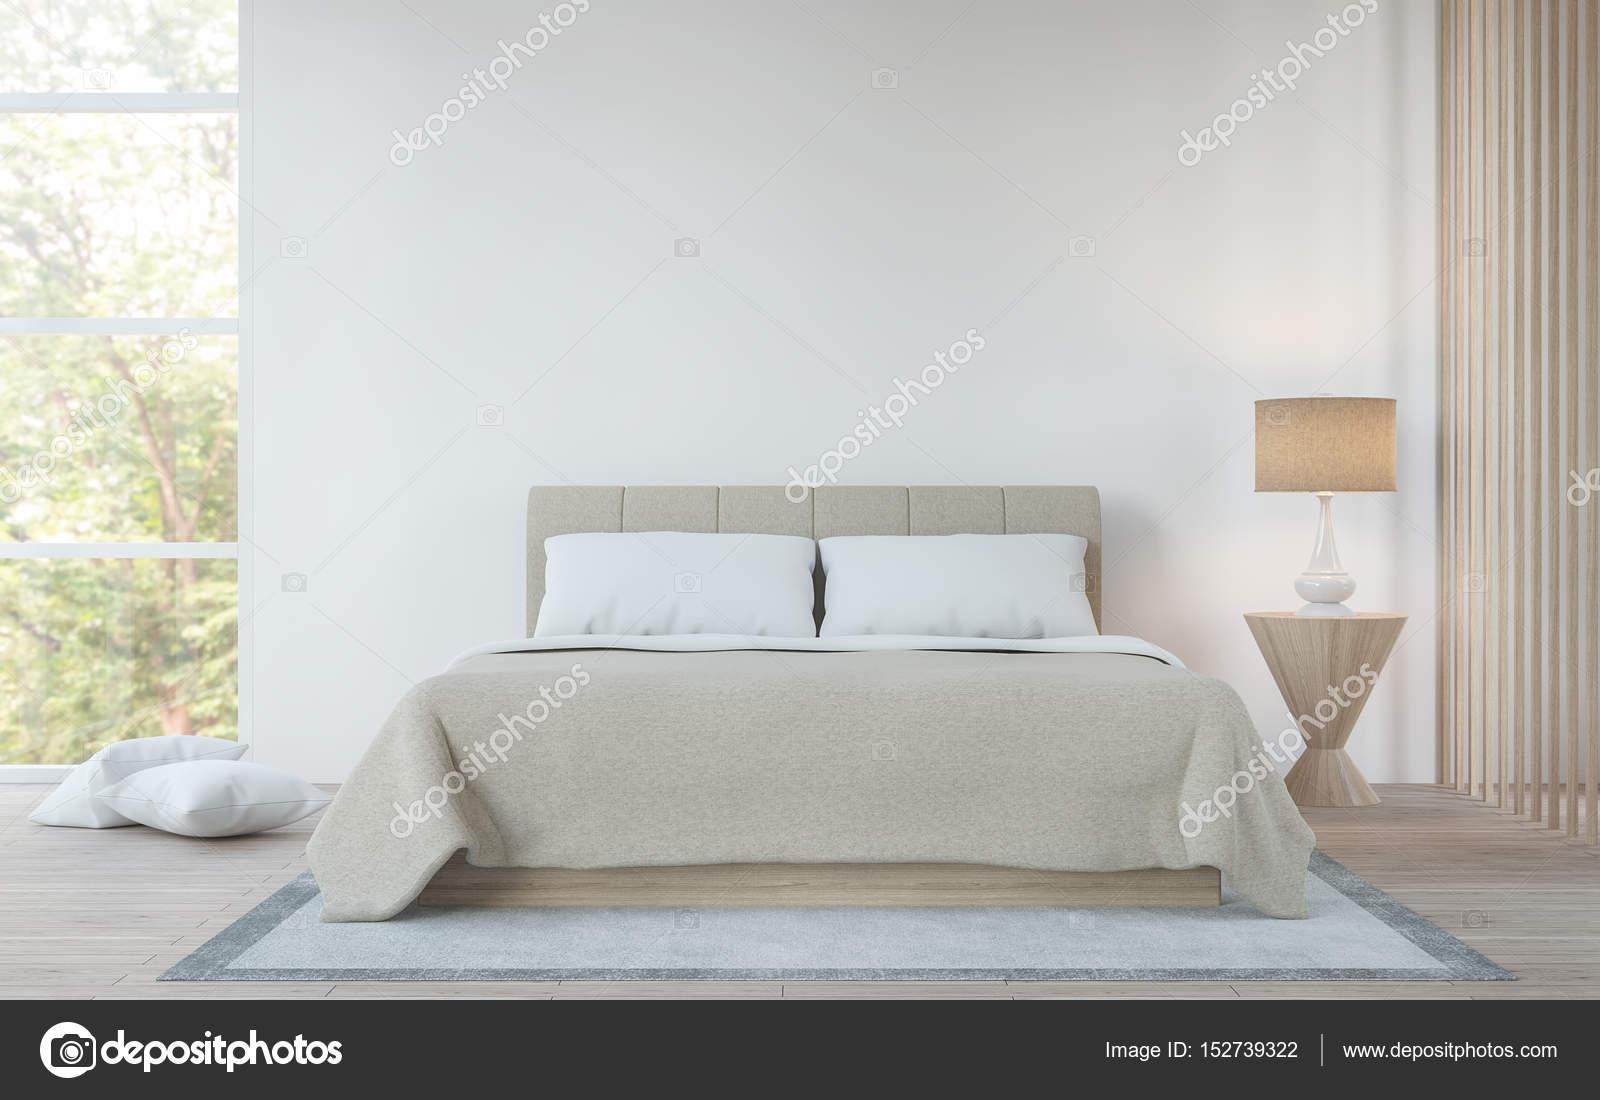 Moderne weiße Schlafzimmer im Wald 3d Render Bild — Stockfoto ...